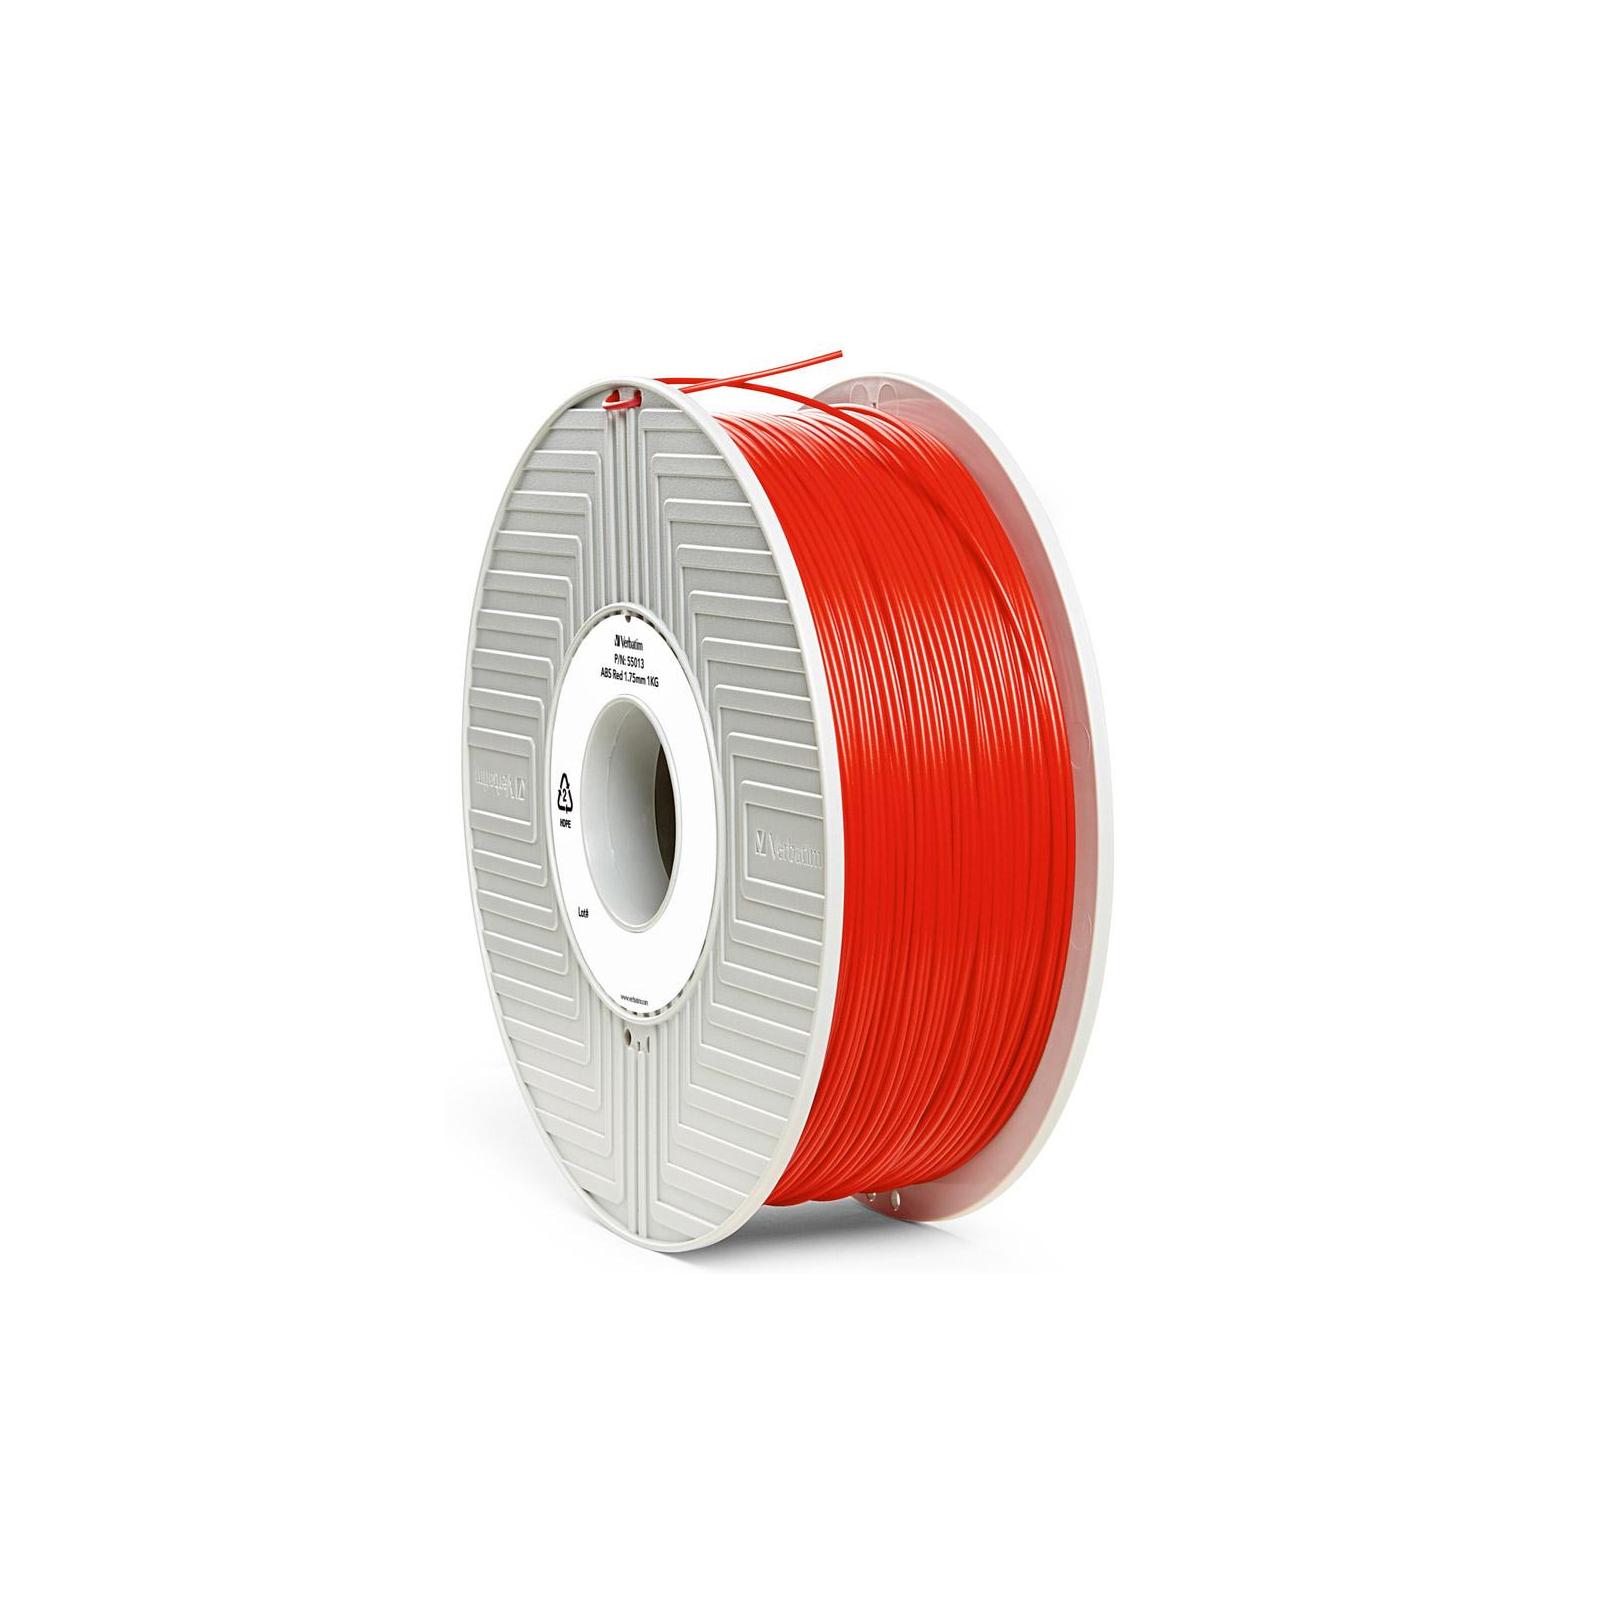 Пластик для 3D-принтера Verbatim ABS 1.75 mm red 1kg (55013) изображение 2